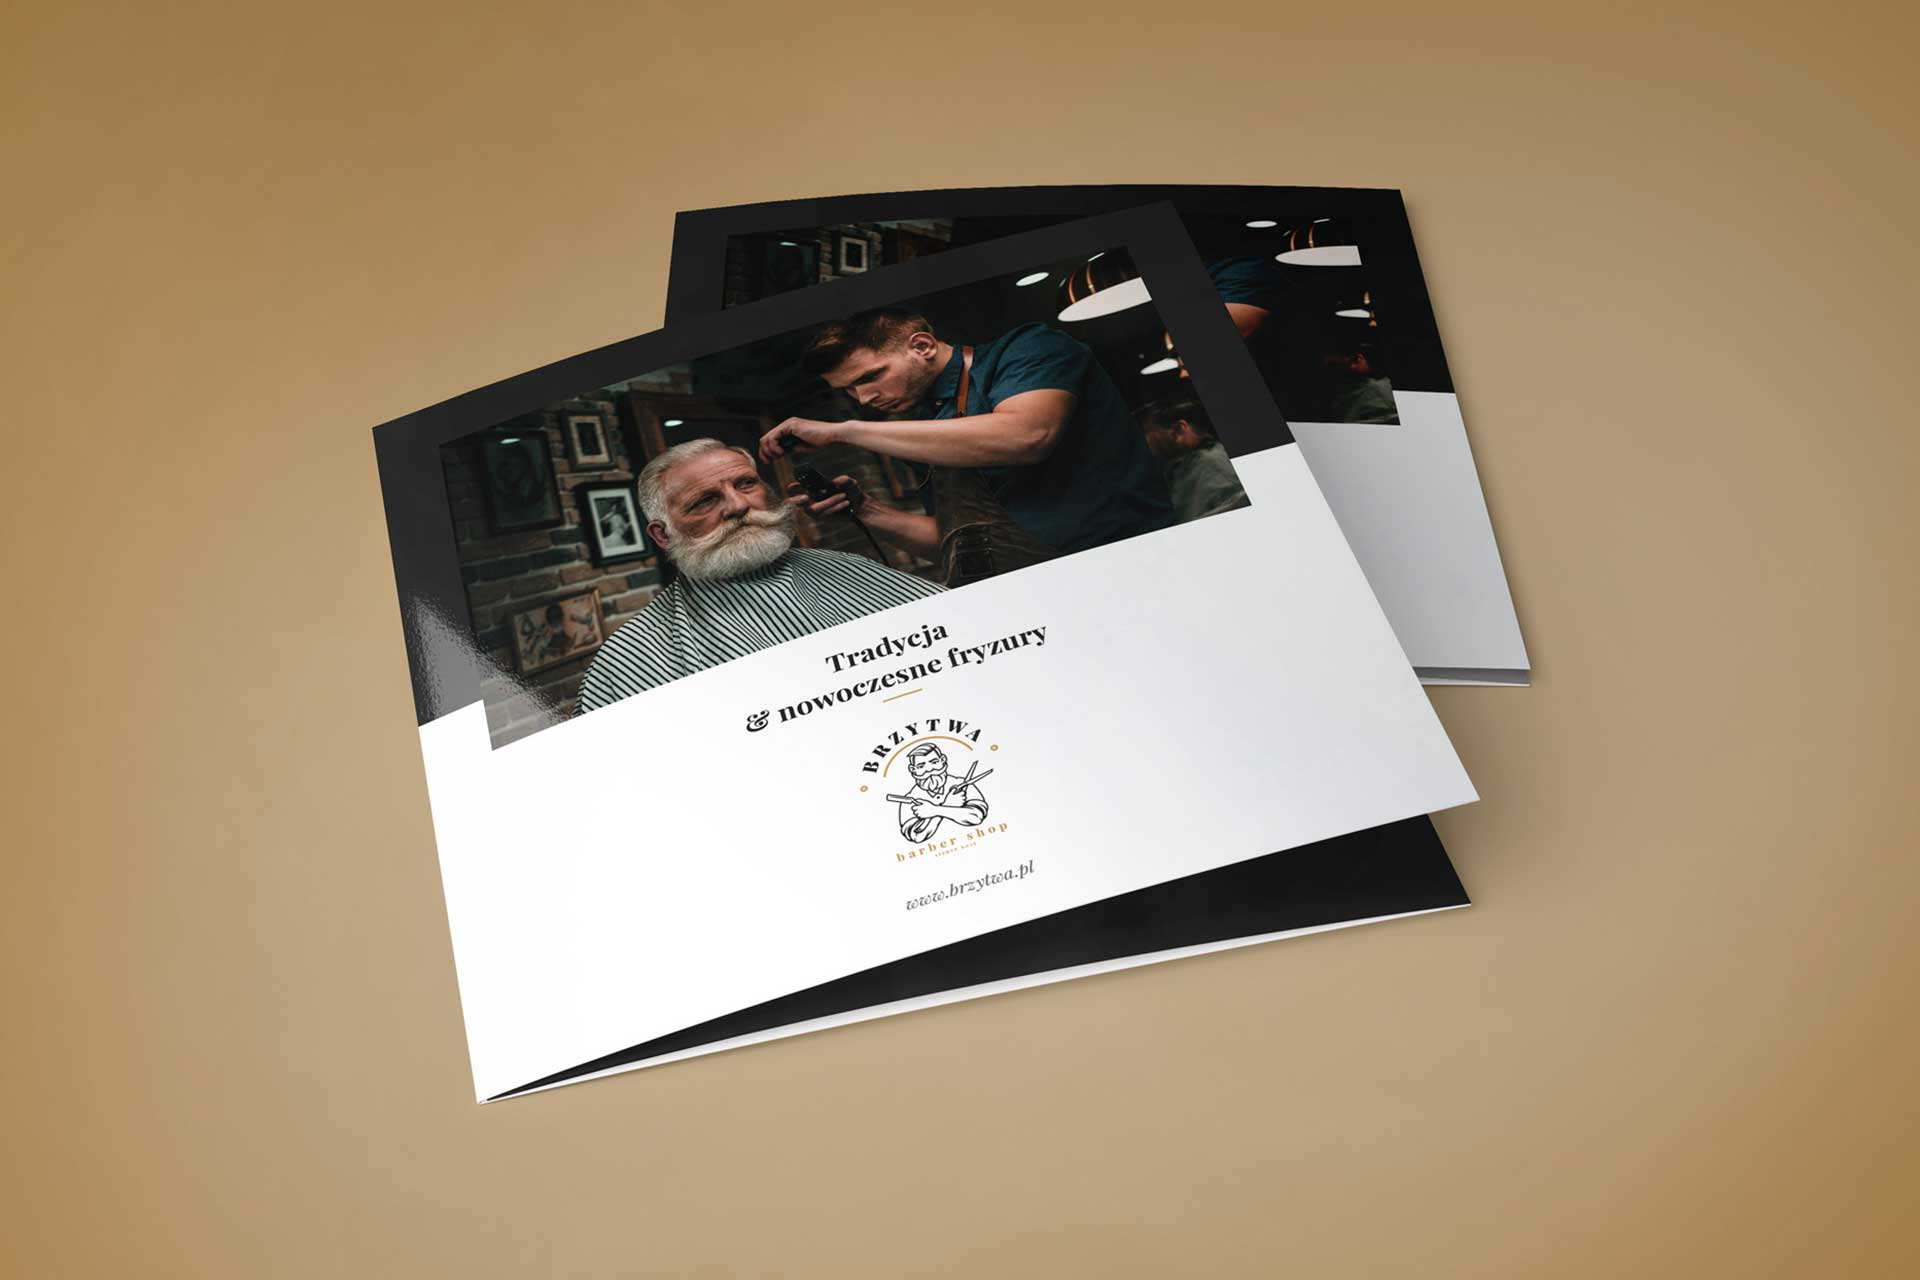 Identyfikacja wizualna w Cobance Studio - case study Brzytwa BarberShop broszura ulotka barber 3